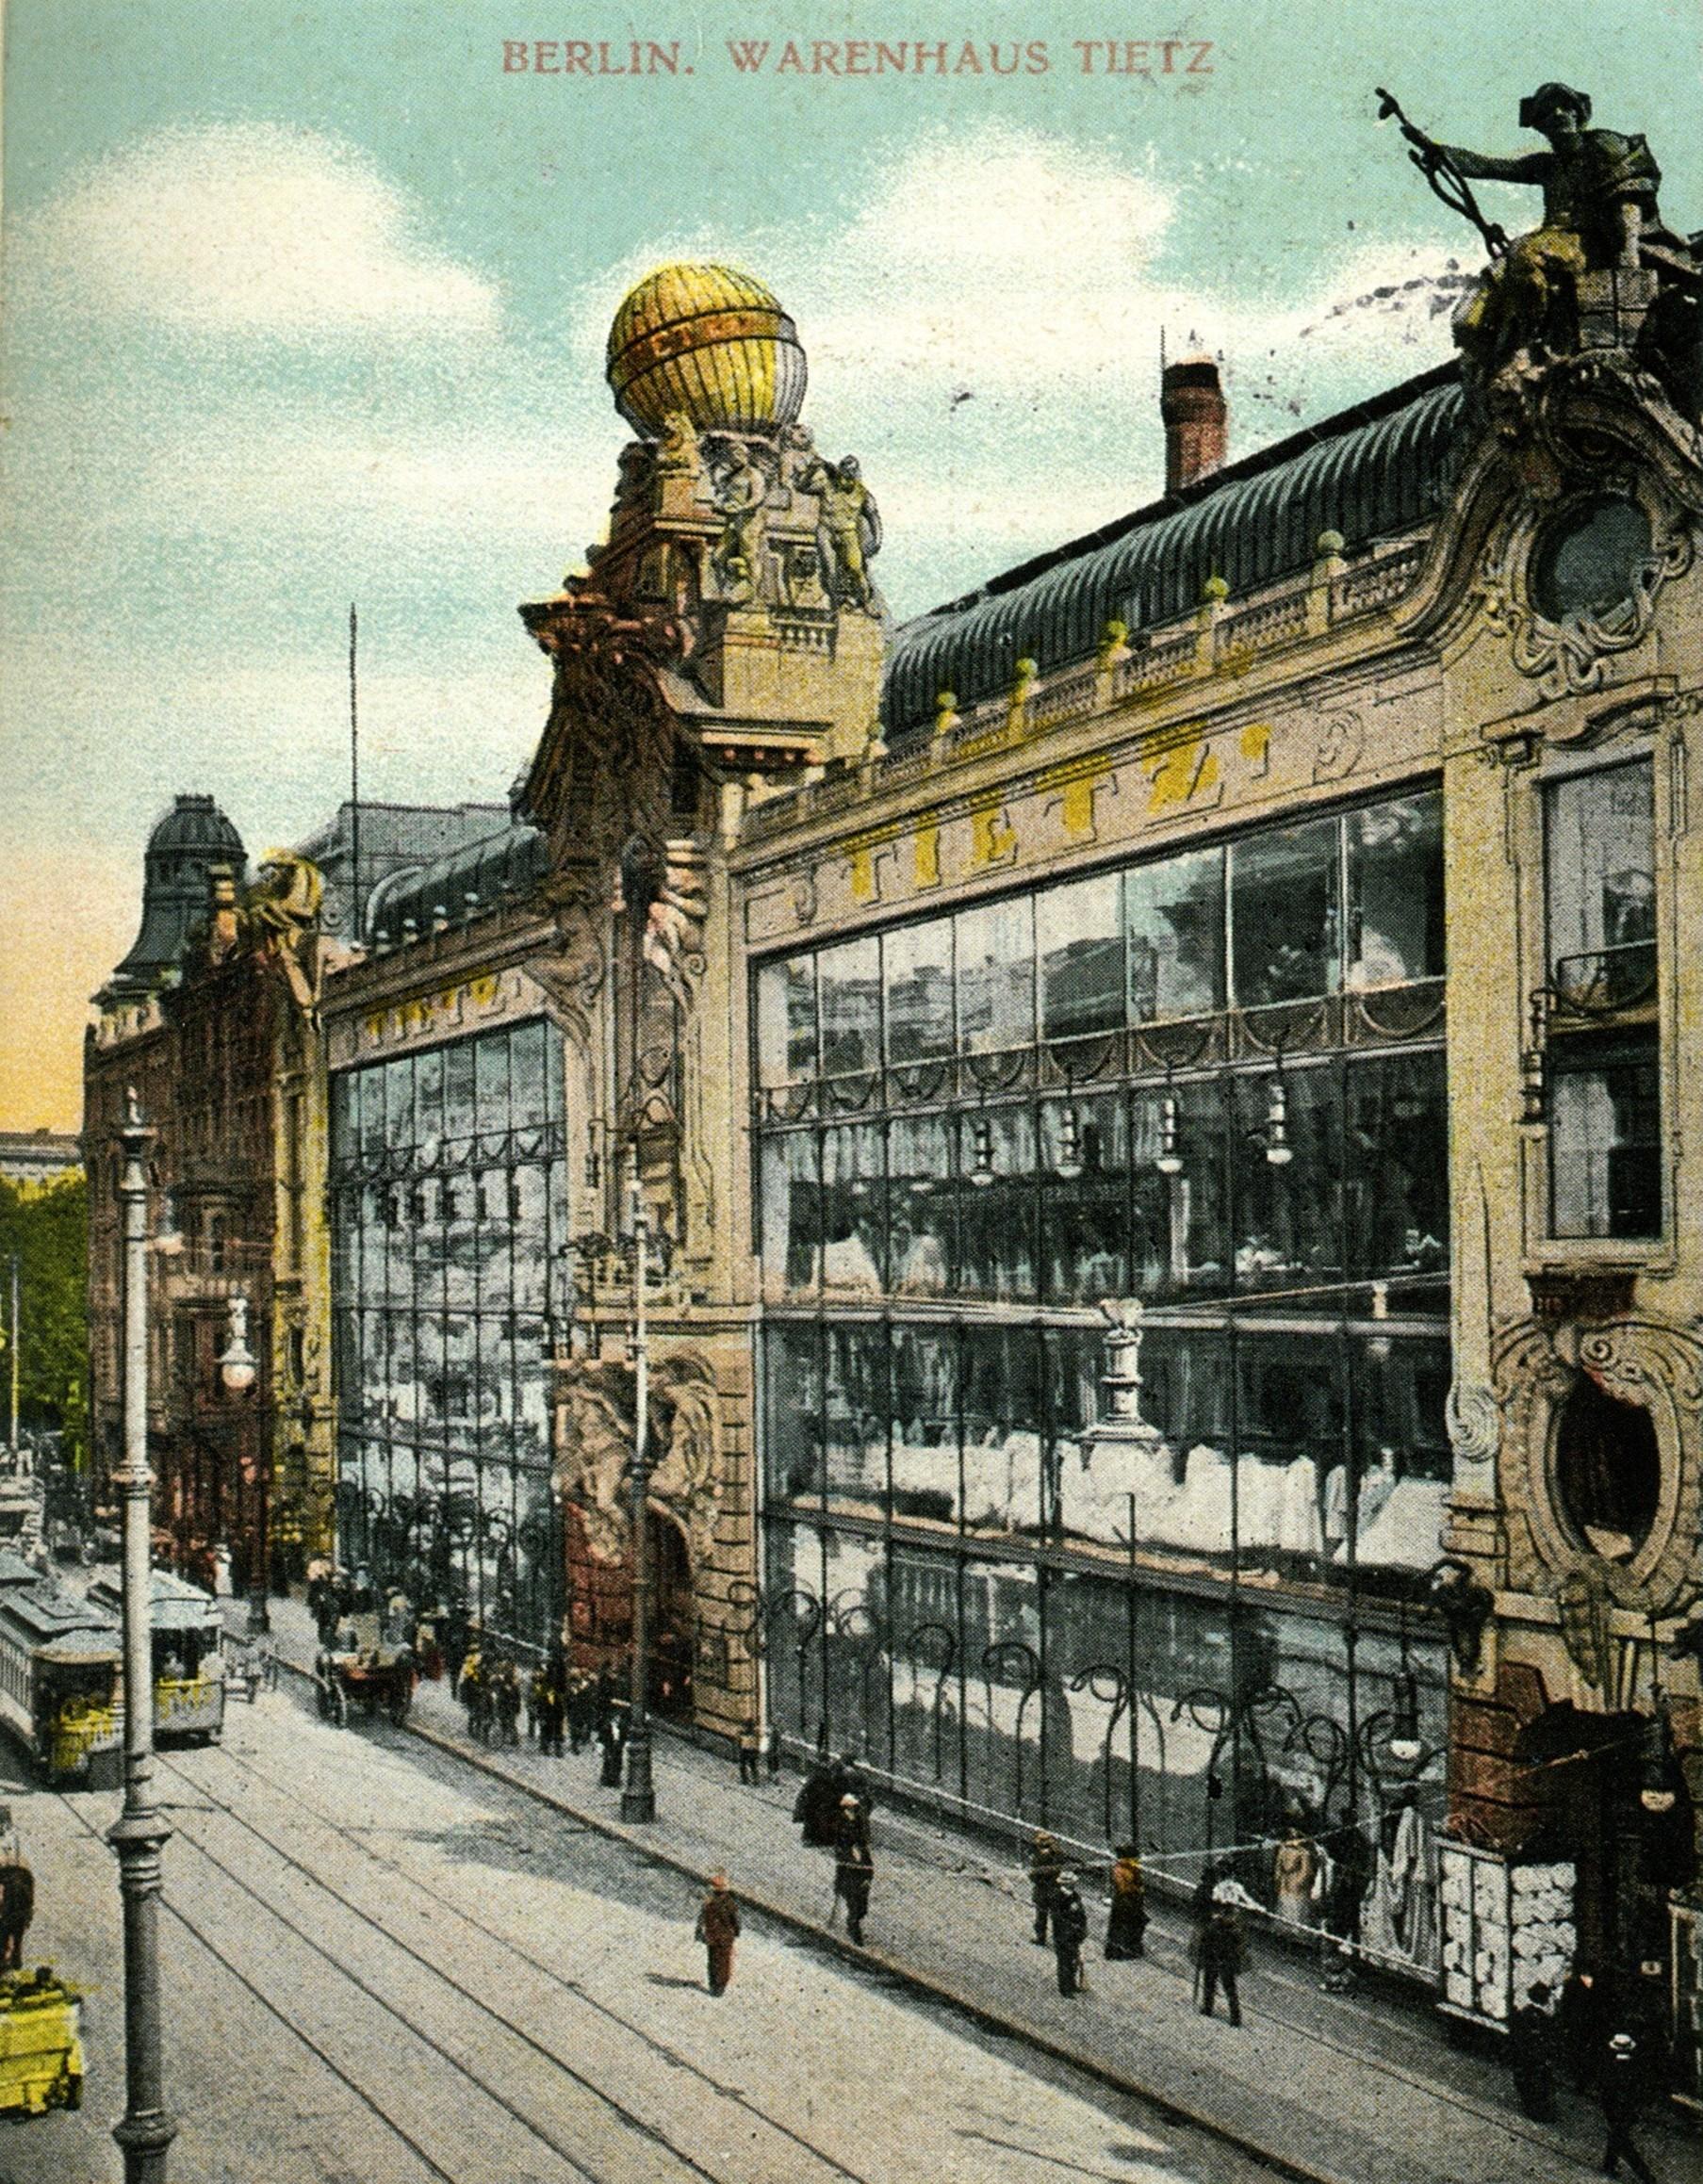 File:Warenhaus Tietz Leipziger Str. 1900.jpg - Wikimedia